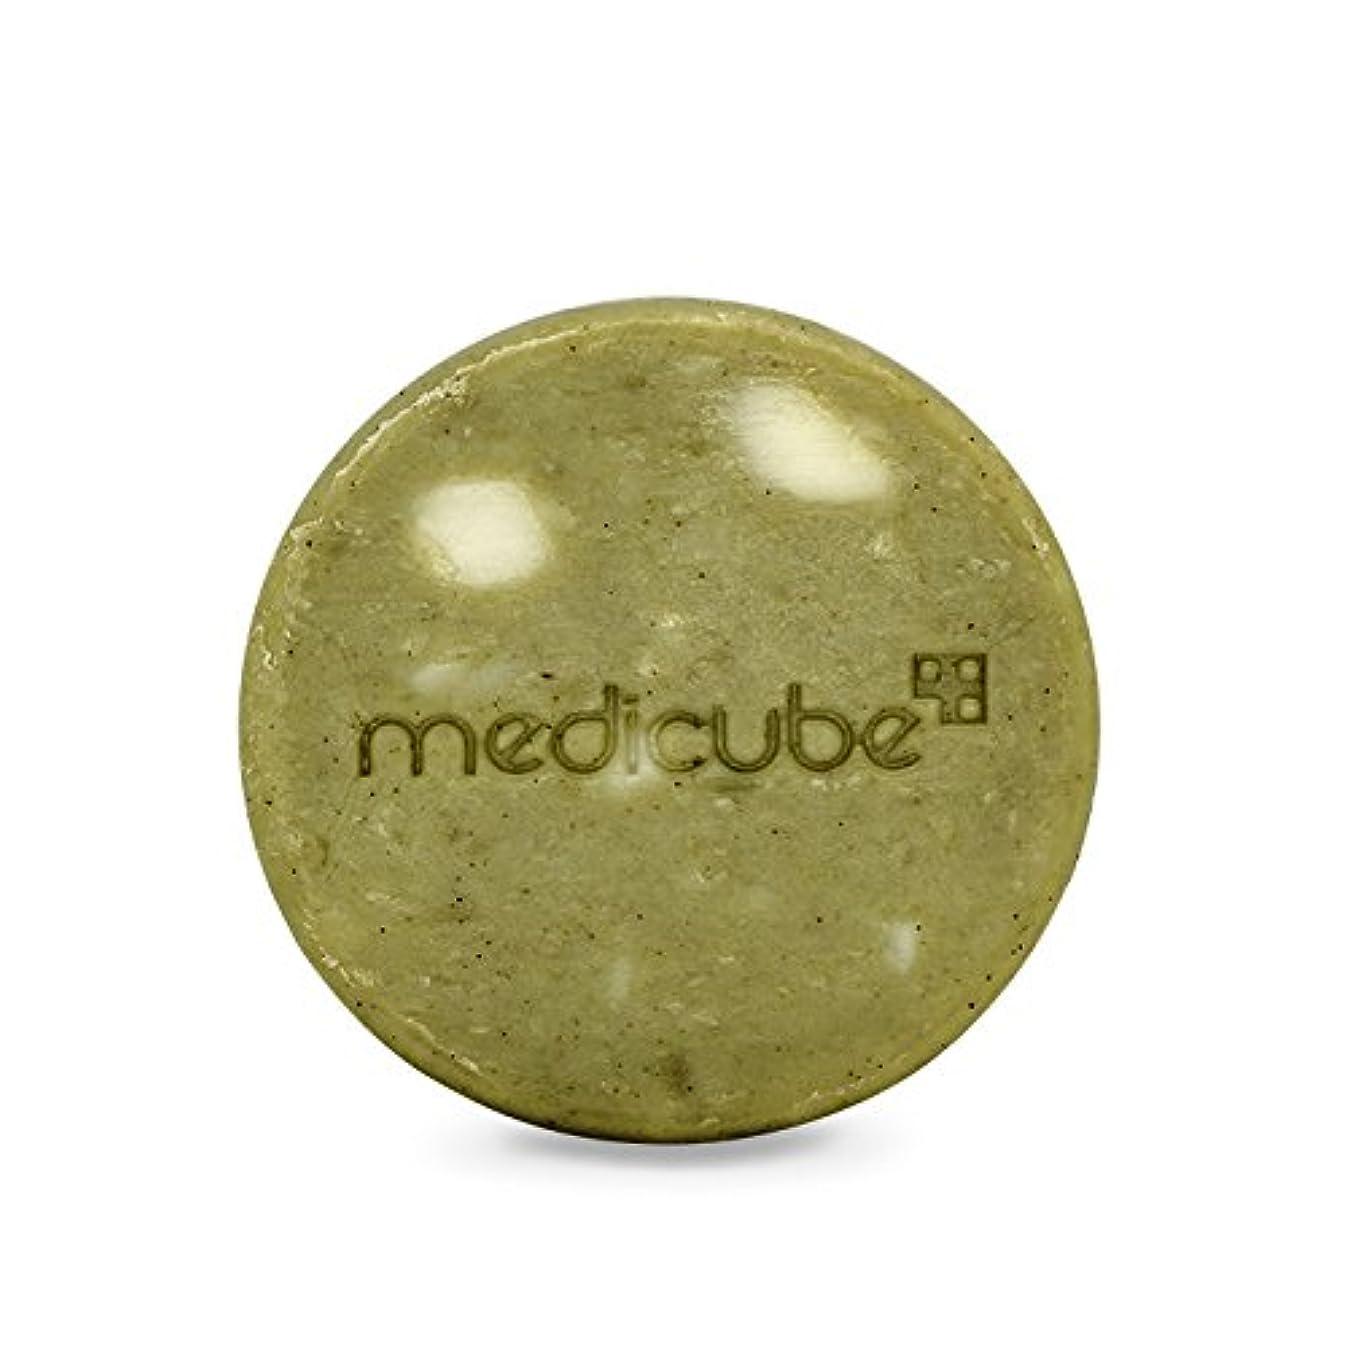 所持影響する底[Medicube]Red Body Bar / メディキューブレッドボディバー / 正品?海外直送商品 [並行輸入品]